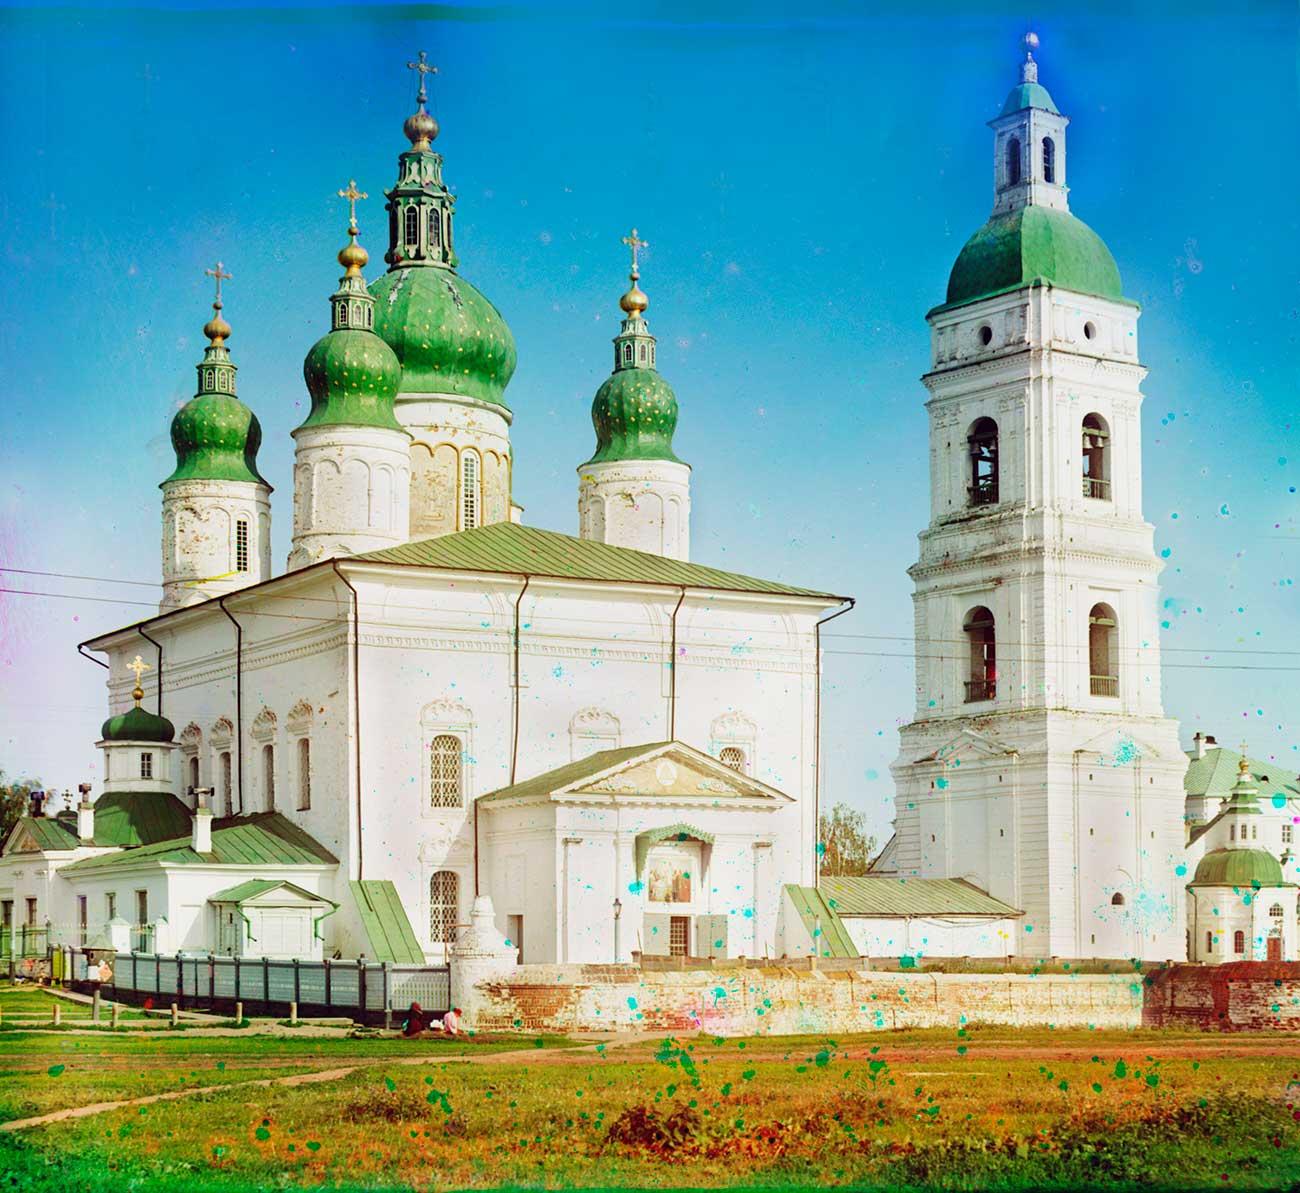 La Cattedrale di Santa Sofia della Dormizione, Tobolsk. Foto scattata nel giugno 1912. Fonte: Prokudin-Gorskij